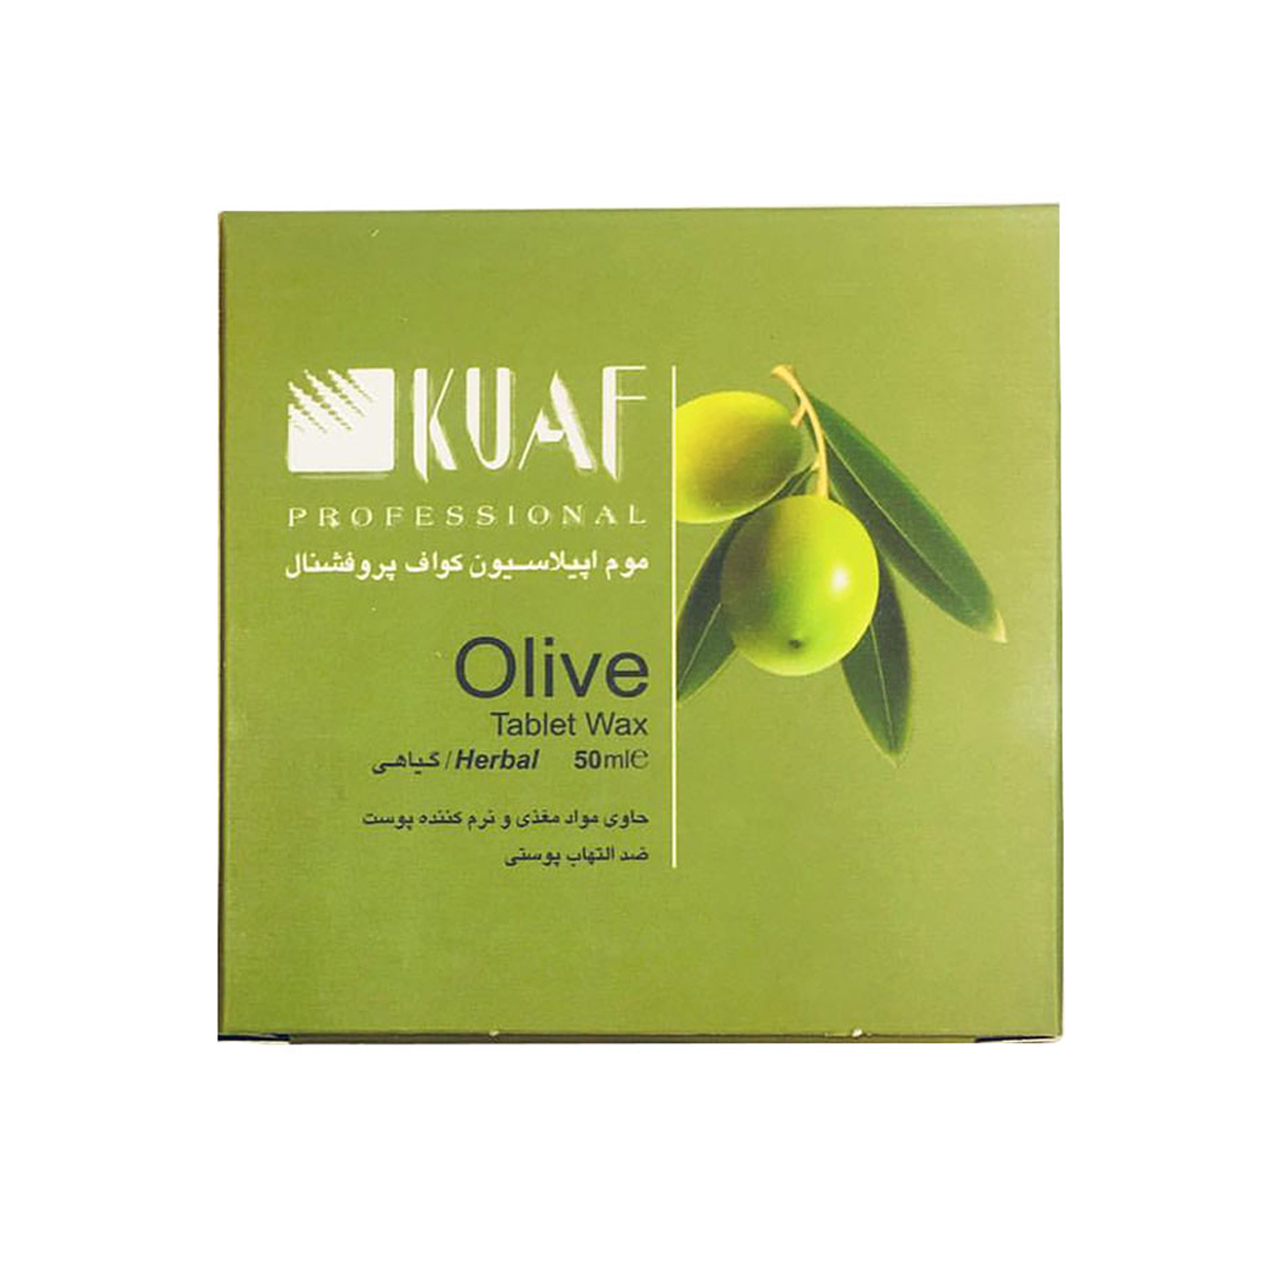 خرید                      وکس موبر کواف مدل Olive حجم 50 میلی لیتر              ✅